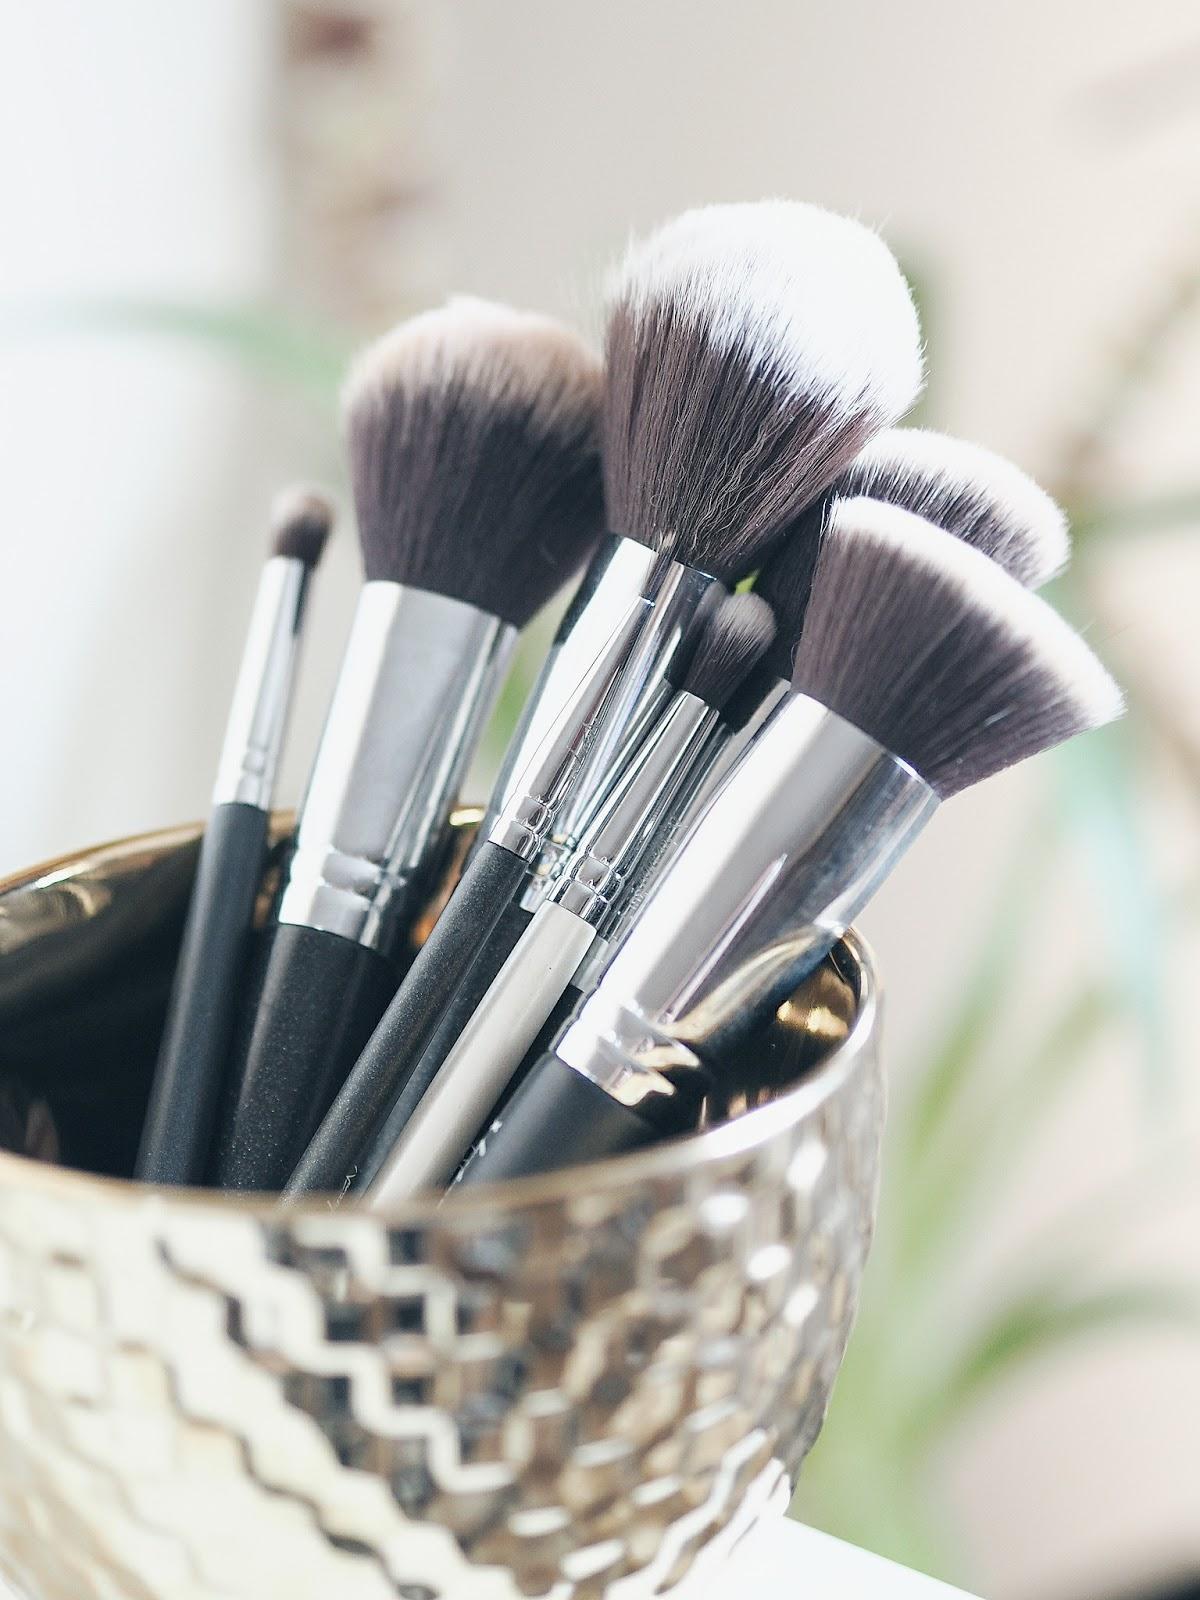 Jakie pędzle do makijażu wybrać? Flawless Foudation 02, Liner, Powder, Contouring, Blush, Crease, Eye Crease